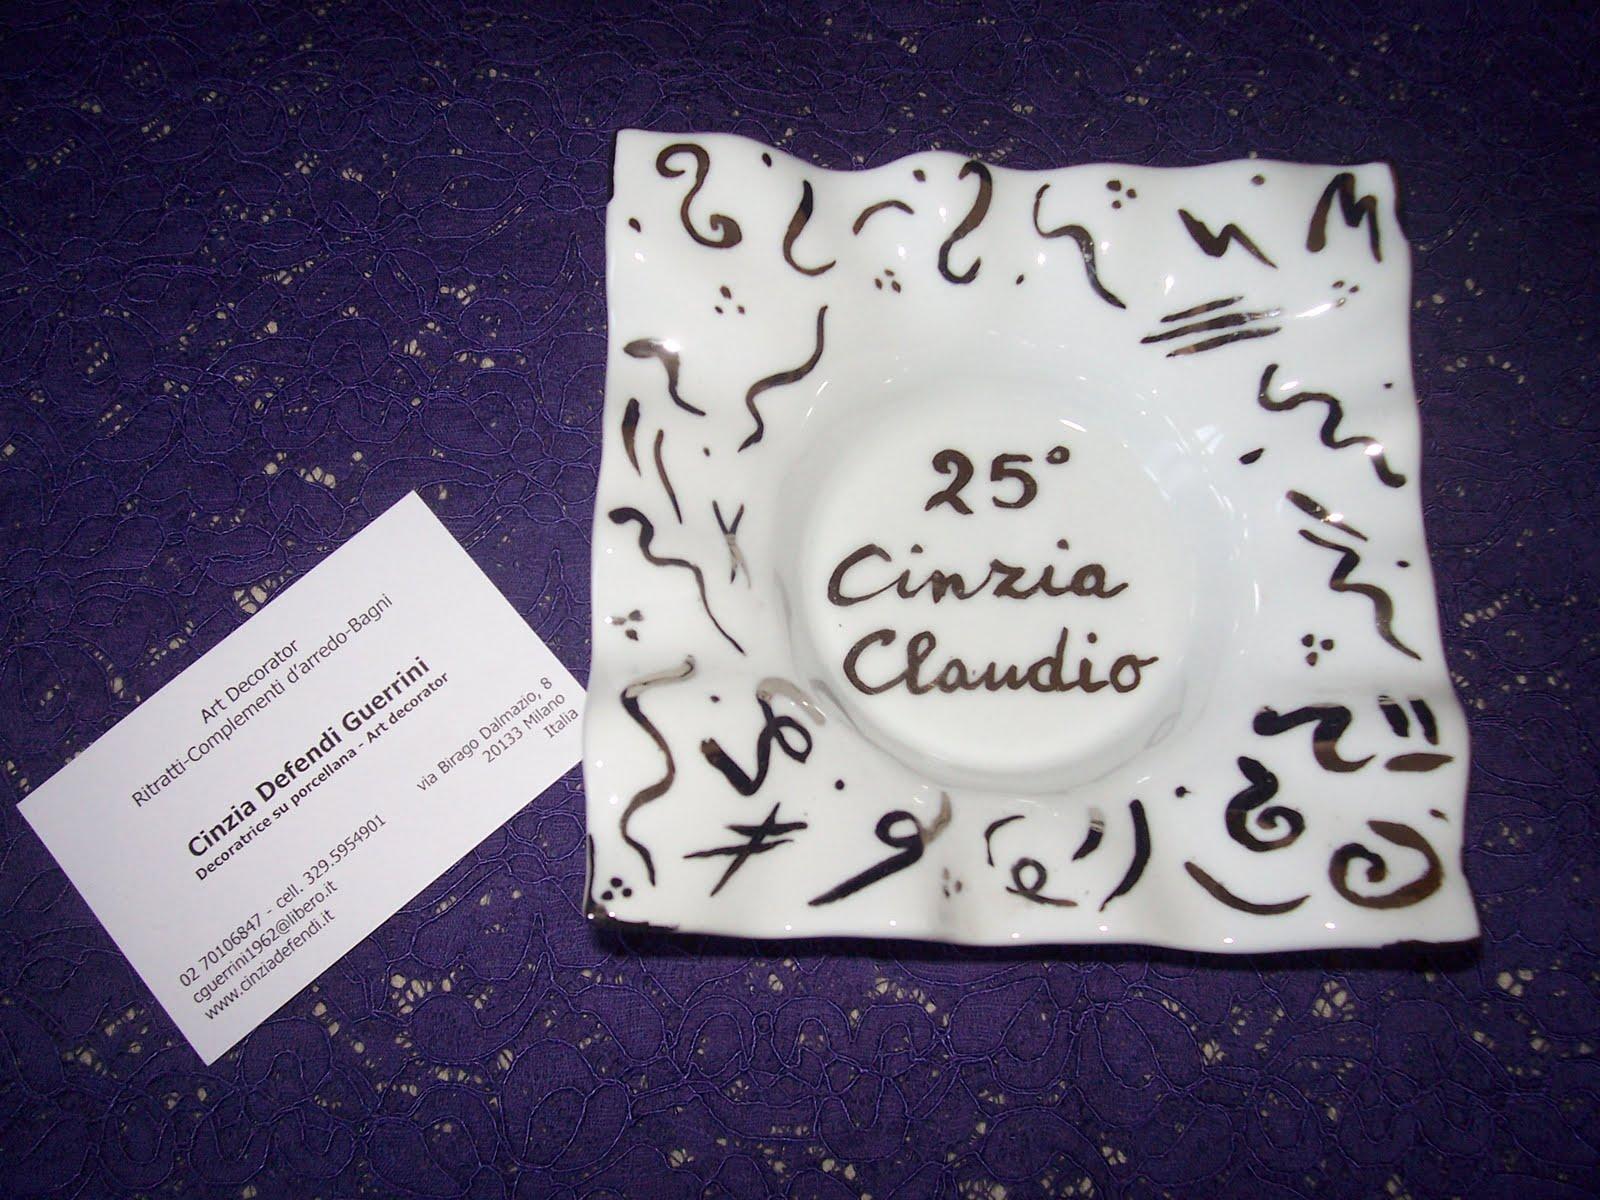 Idee per gli sposi dipinte da cinzia defendi 25 for Anniversario matrimonio 25